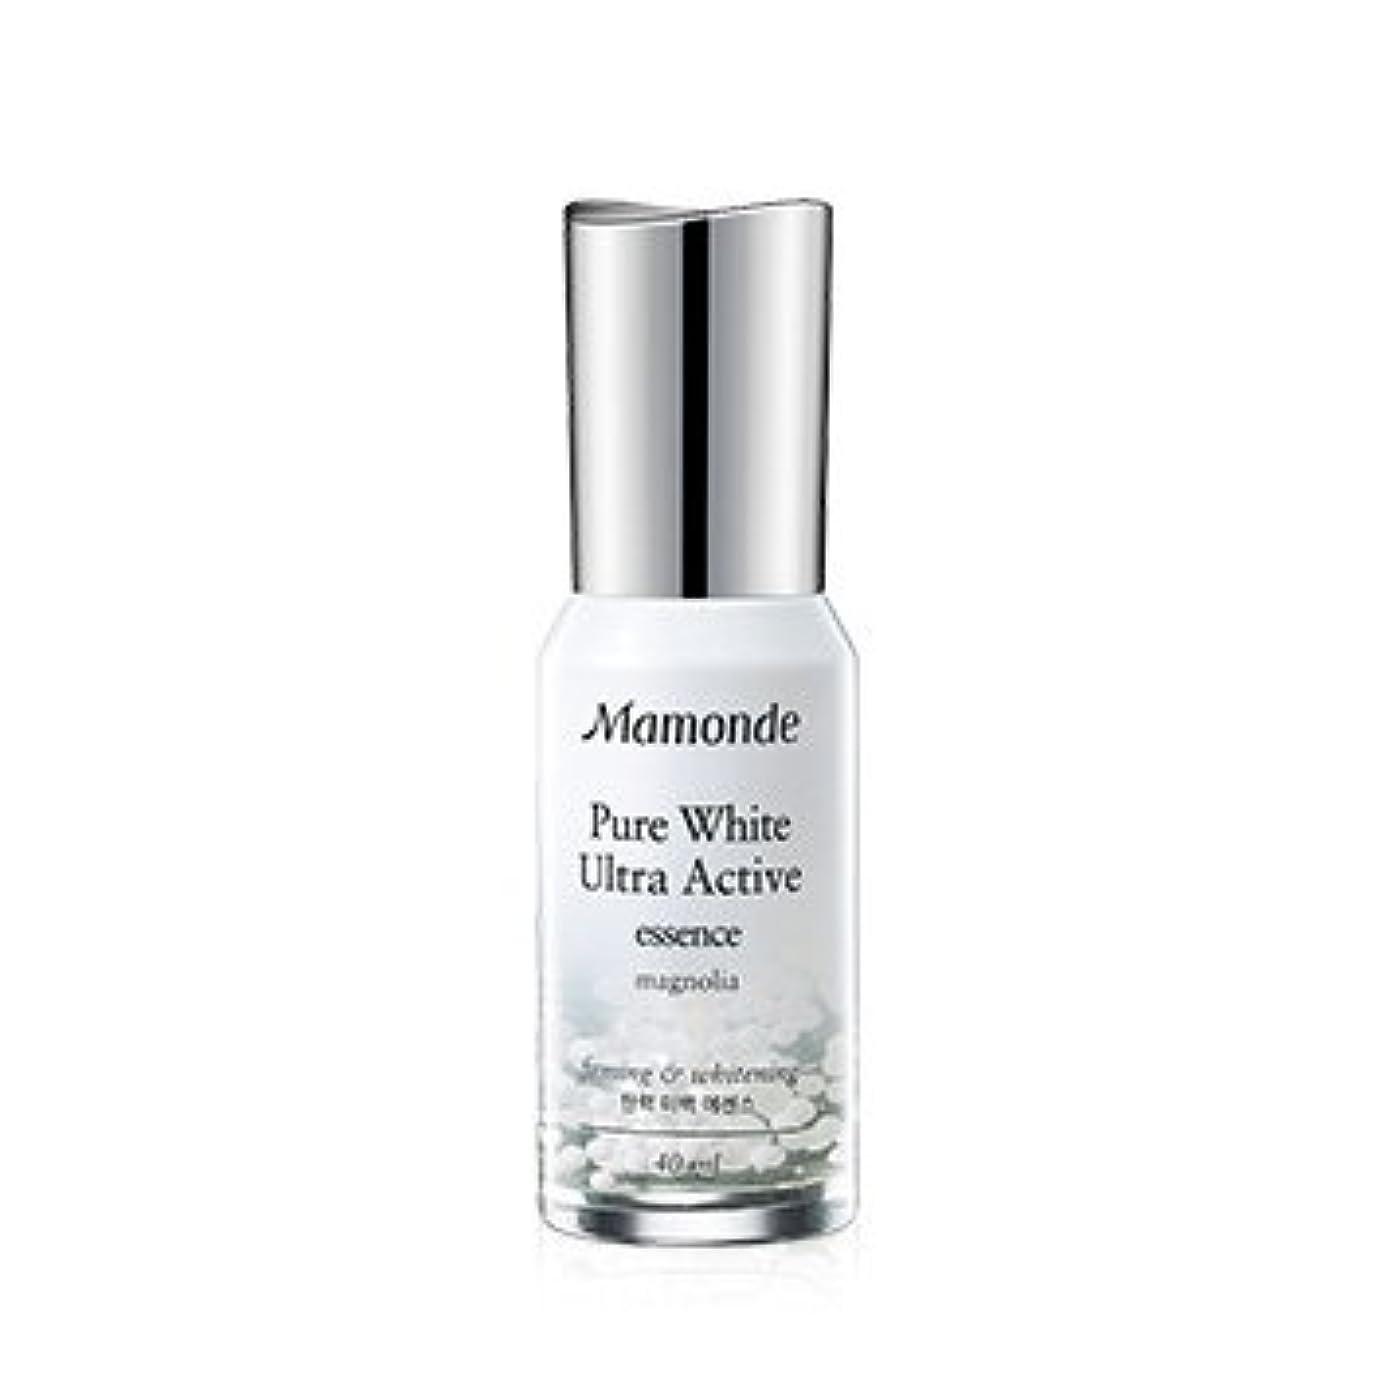 製油所柱差別Mamonde Pure White Ultra Active Essence 40ml/マモンド ピュア ホワイト ウルトラ アクティブ エッセンス 40ml [並行輸入品]